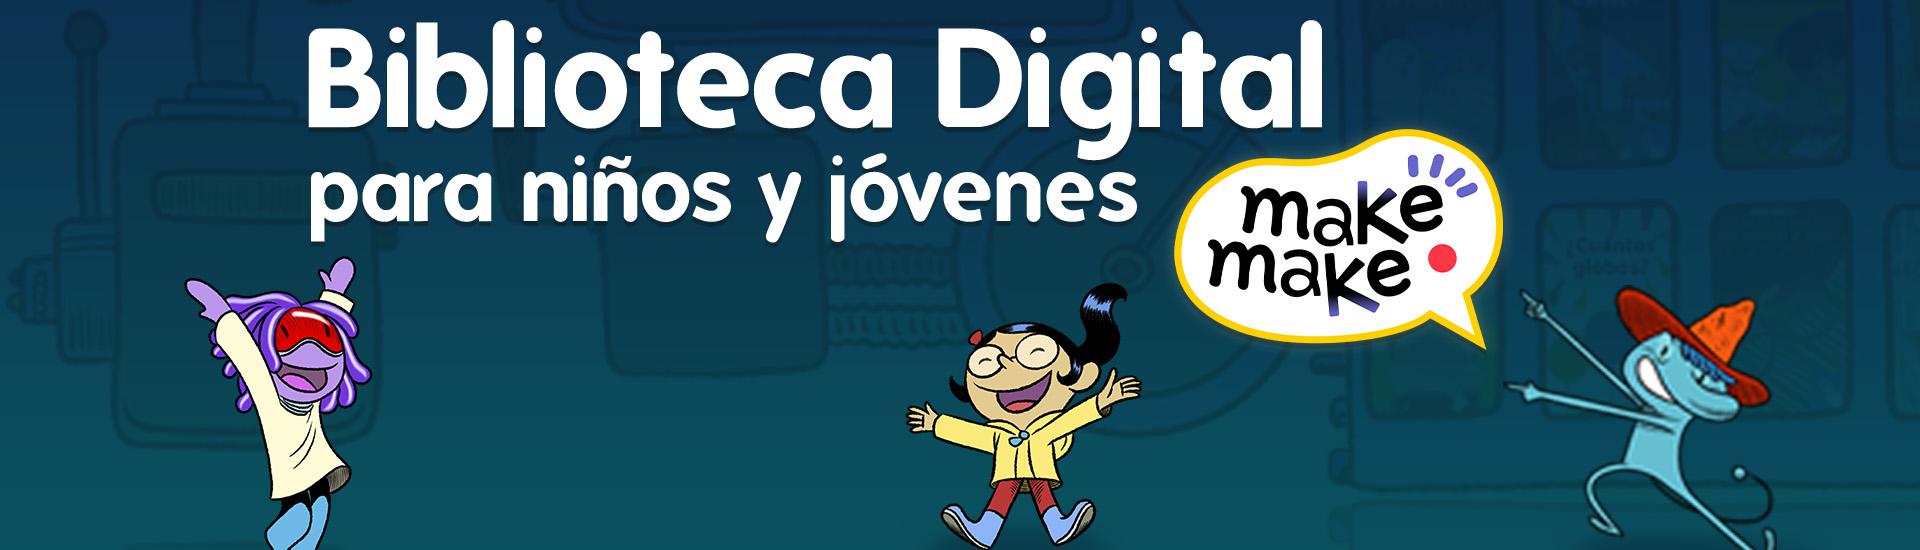 Colección digital